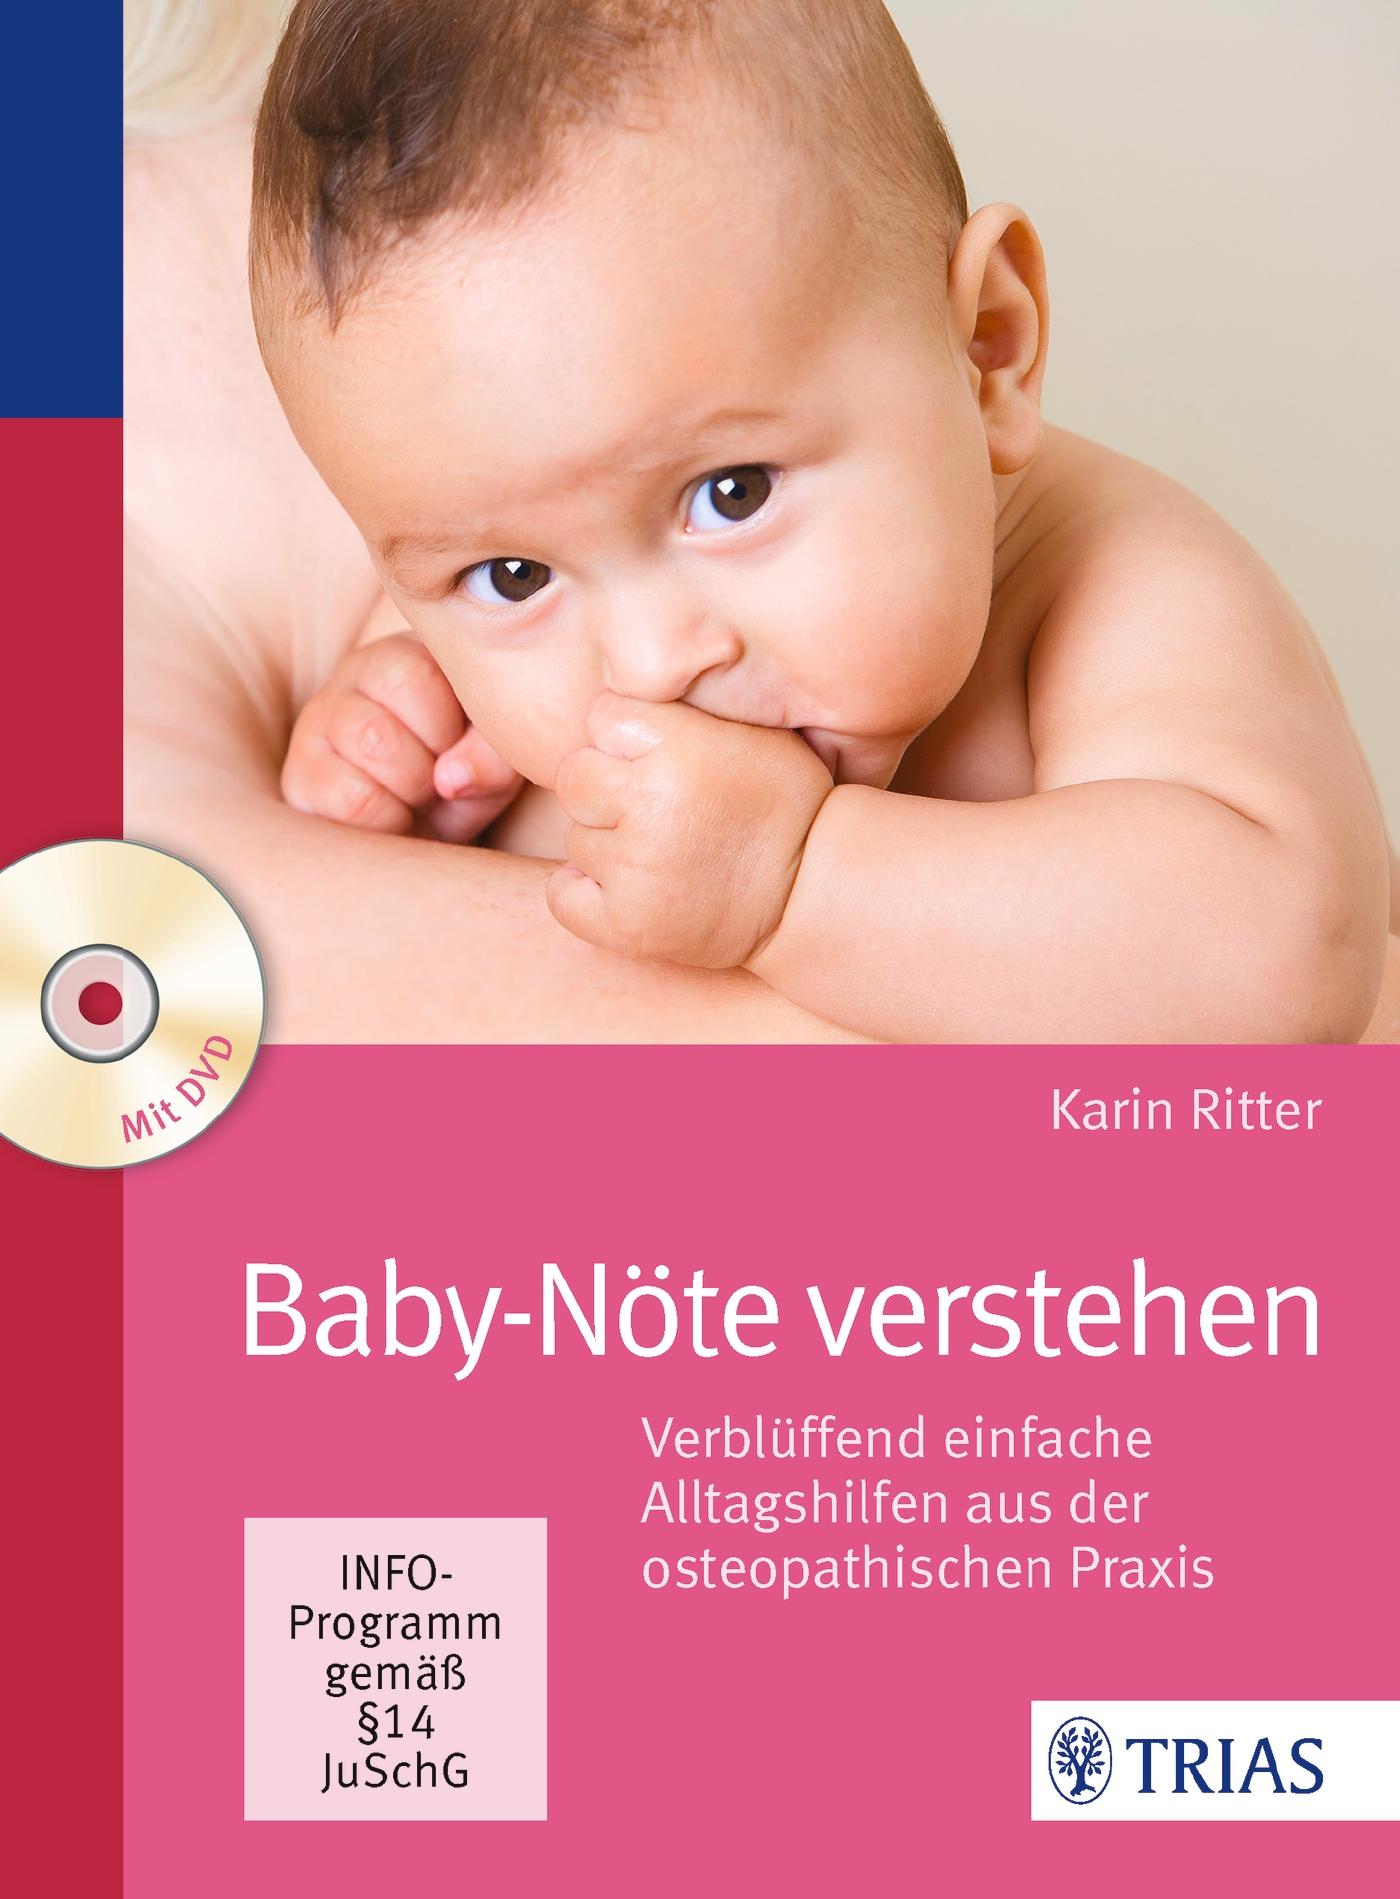 Baby-Nöte verstehen: Verblüffend einfache Alltagshilfen aus der osteopathischen Praxis - Ritter, Karin